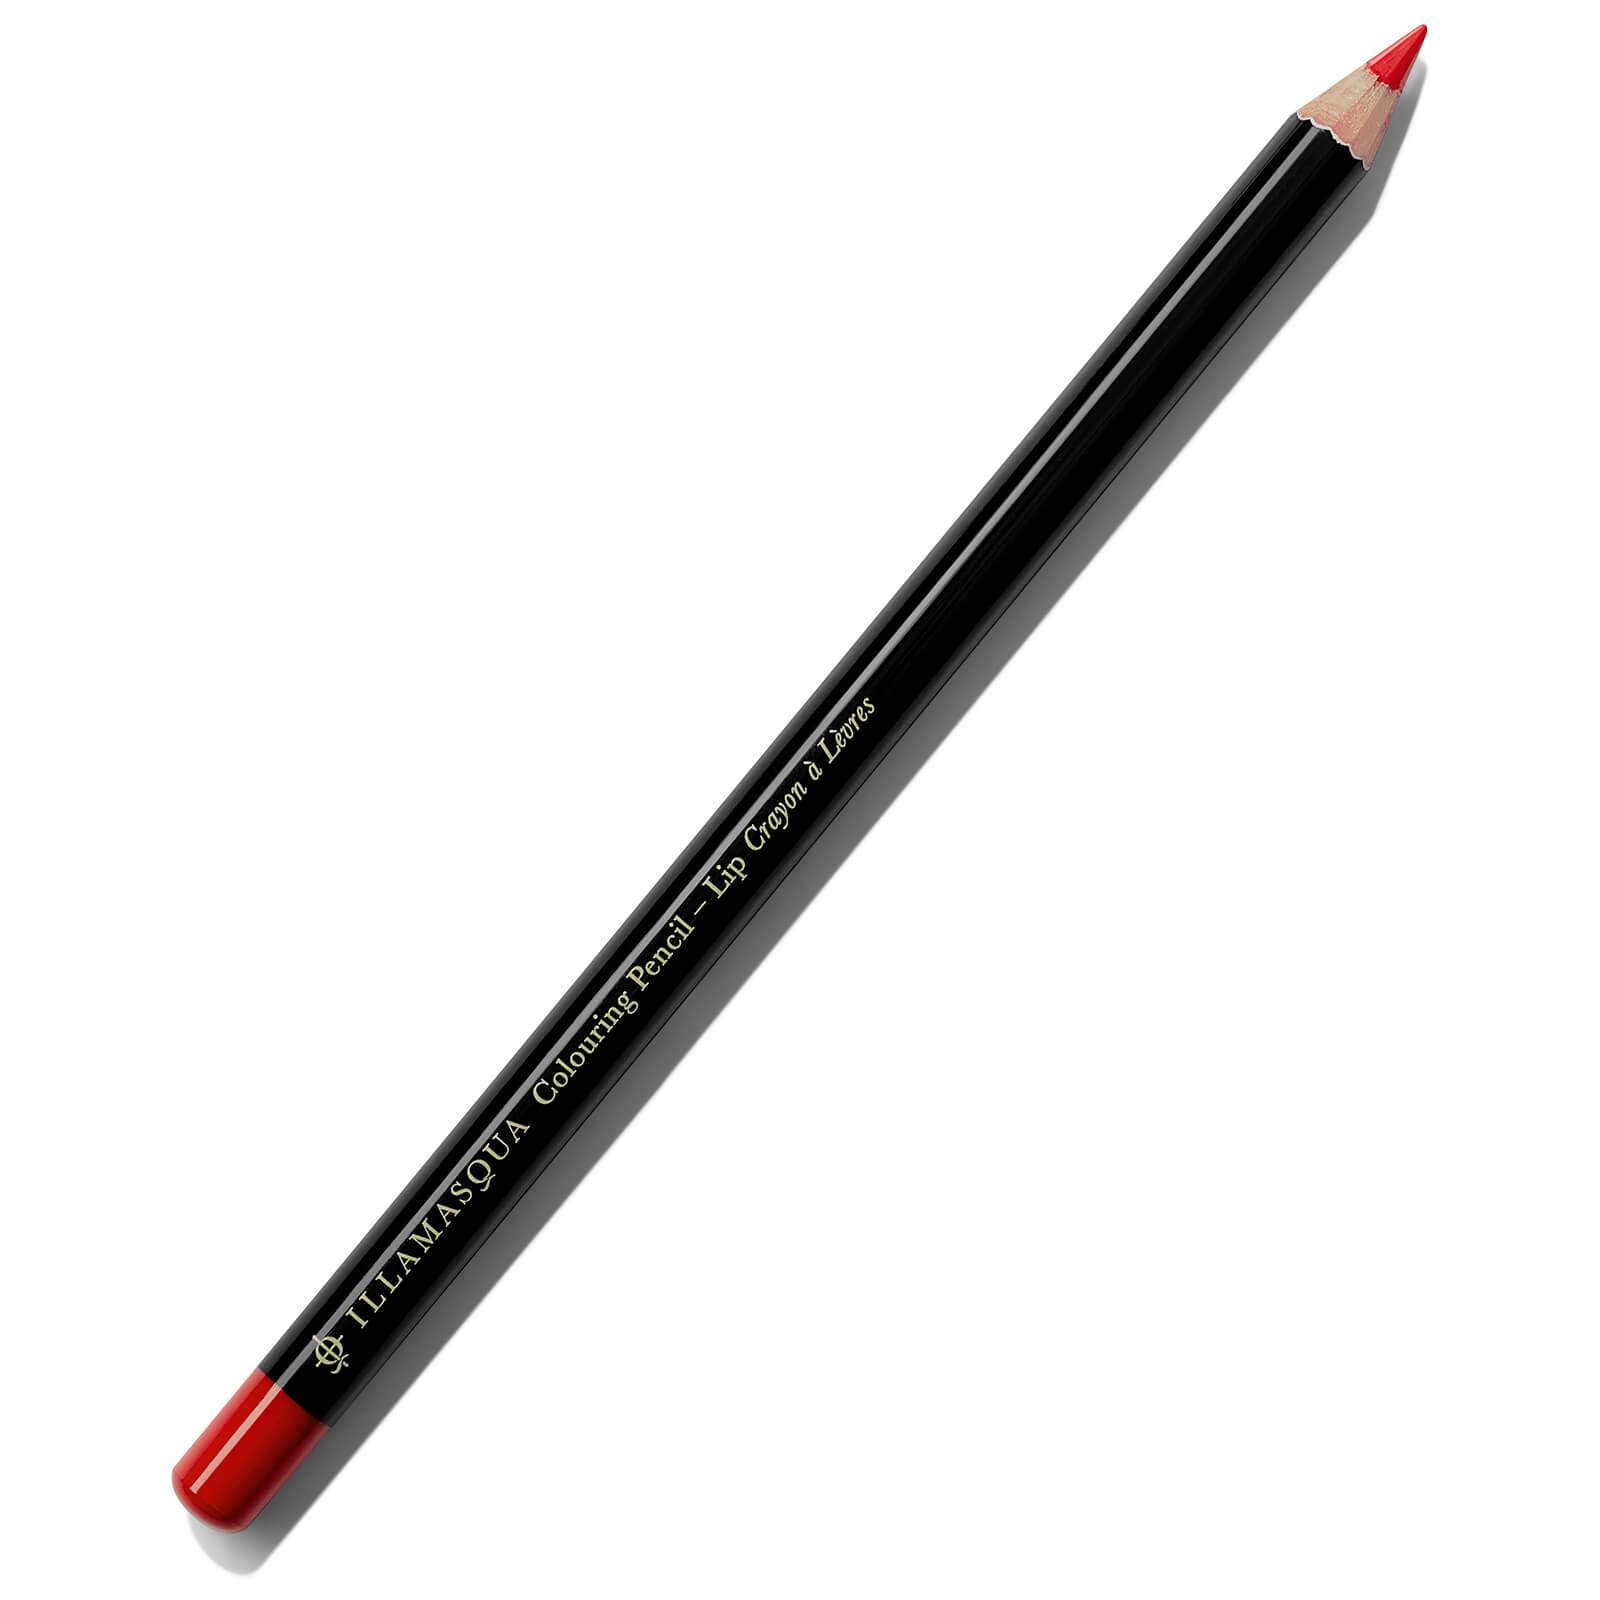 Купить Карандаш для губ Illamasqua Colouring Lip Pencil 1, 4 г (различные оттенки) - Feisty